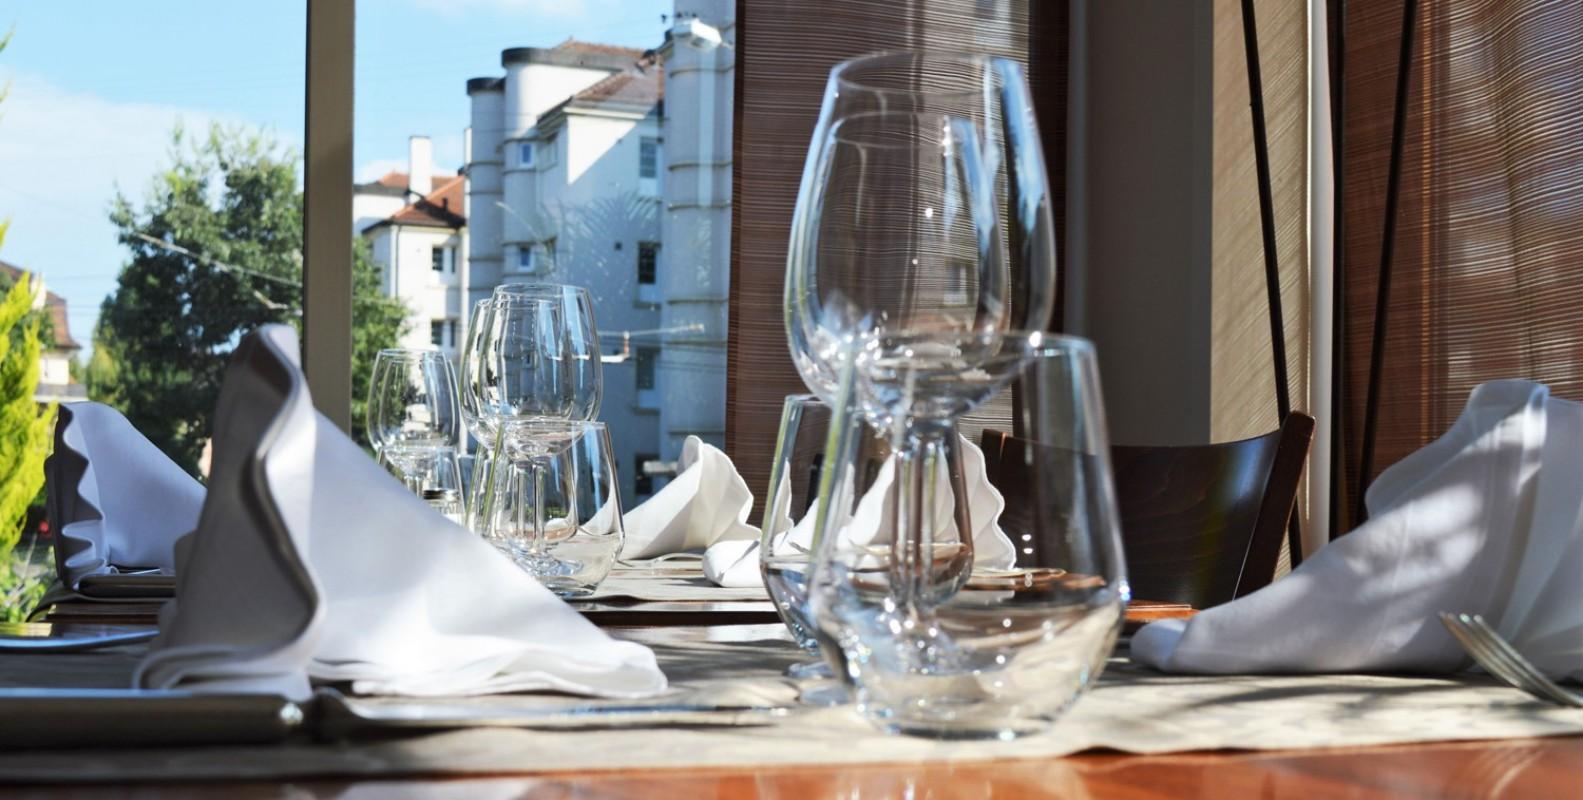 Restaurant livraison cuisine indienne Lausanne